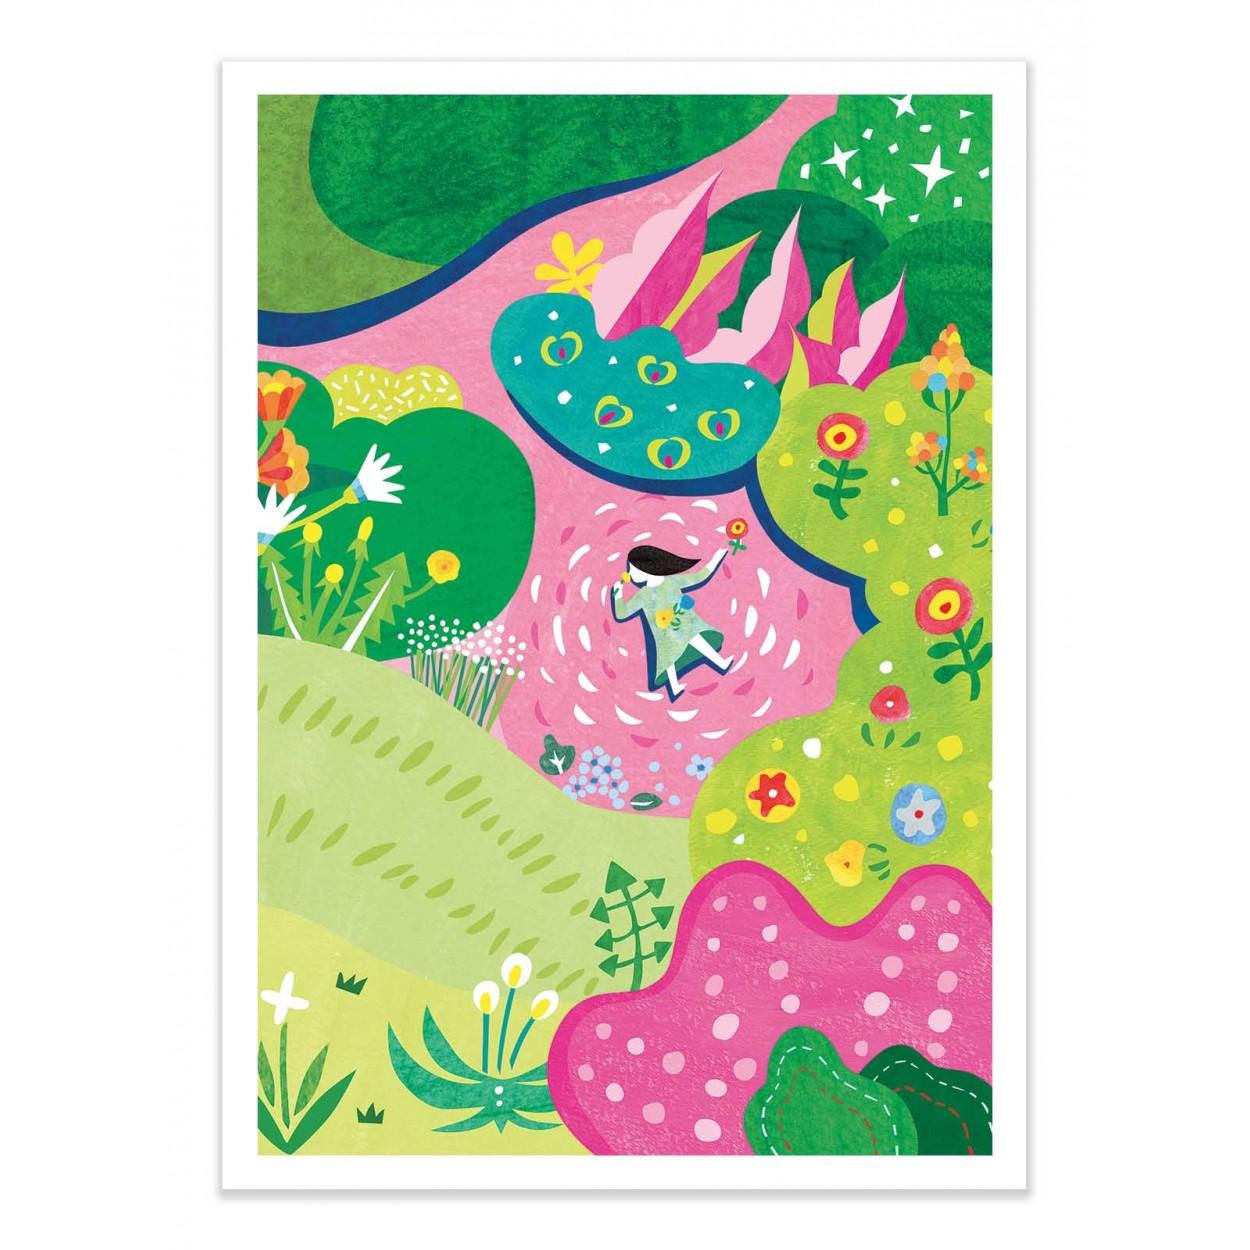 SECRET GARDEN - Affiche d'art 50 x 70 cm